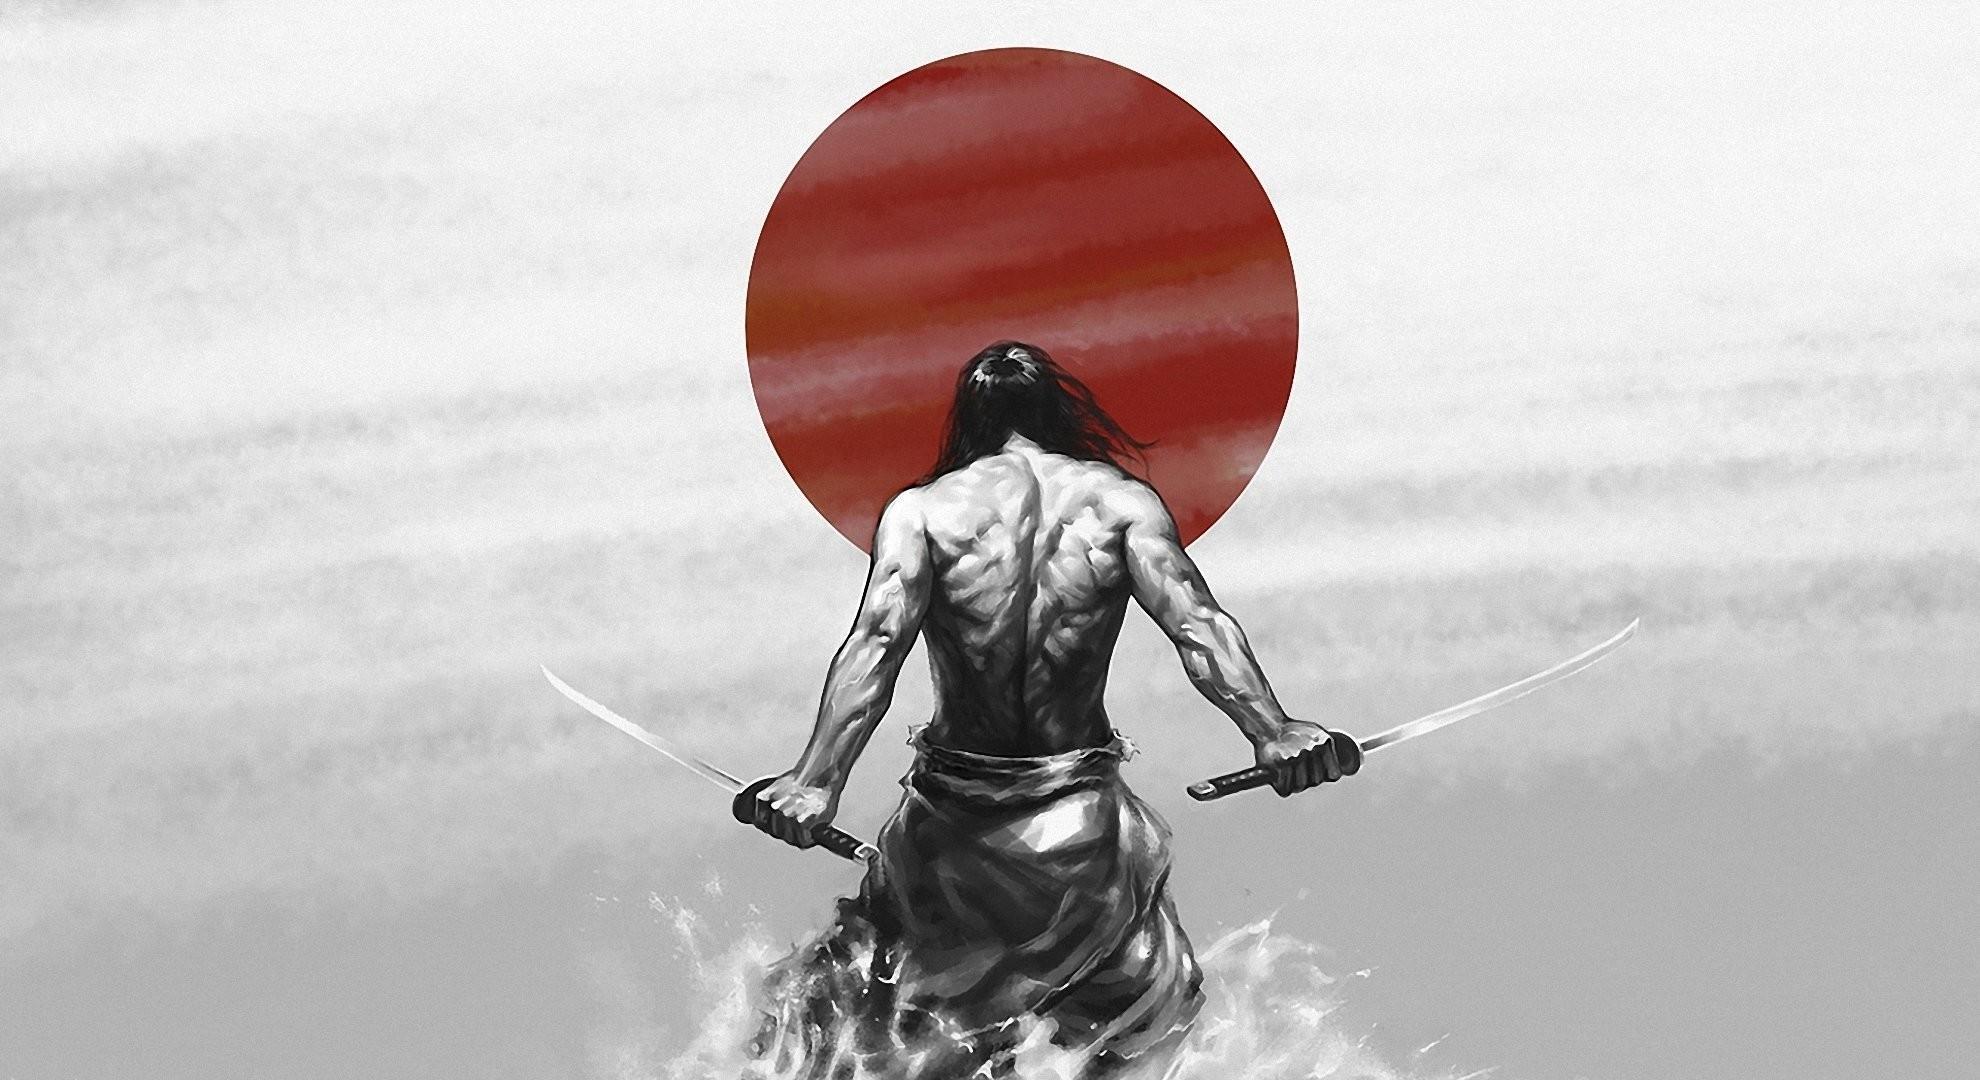 samurai bushi samurai katana japan sun warrior courage courage way of the  warrior sun katana katana